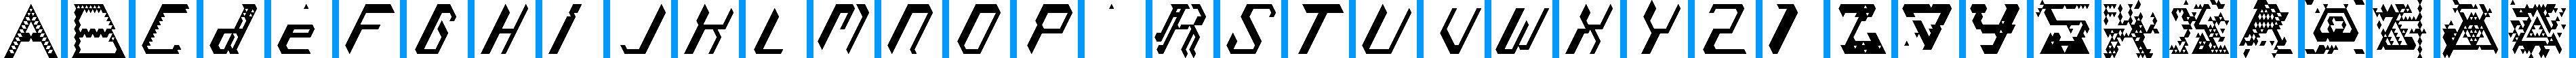 Particip-a-type v.261